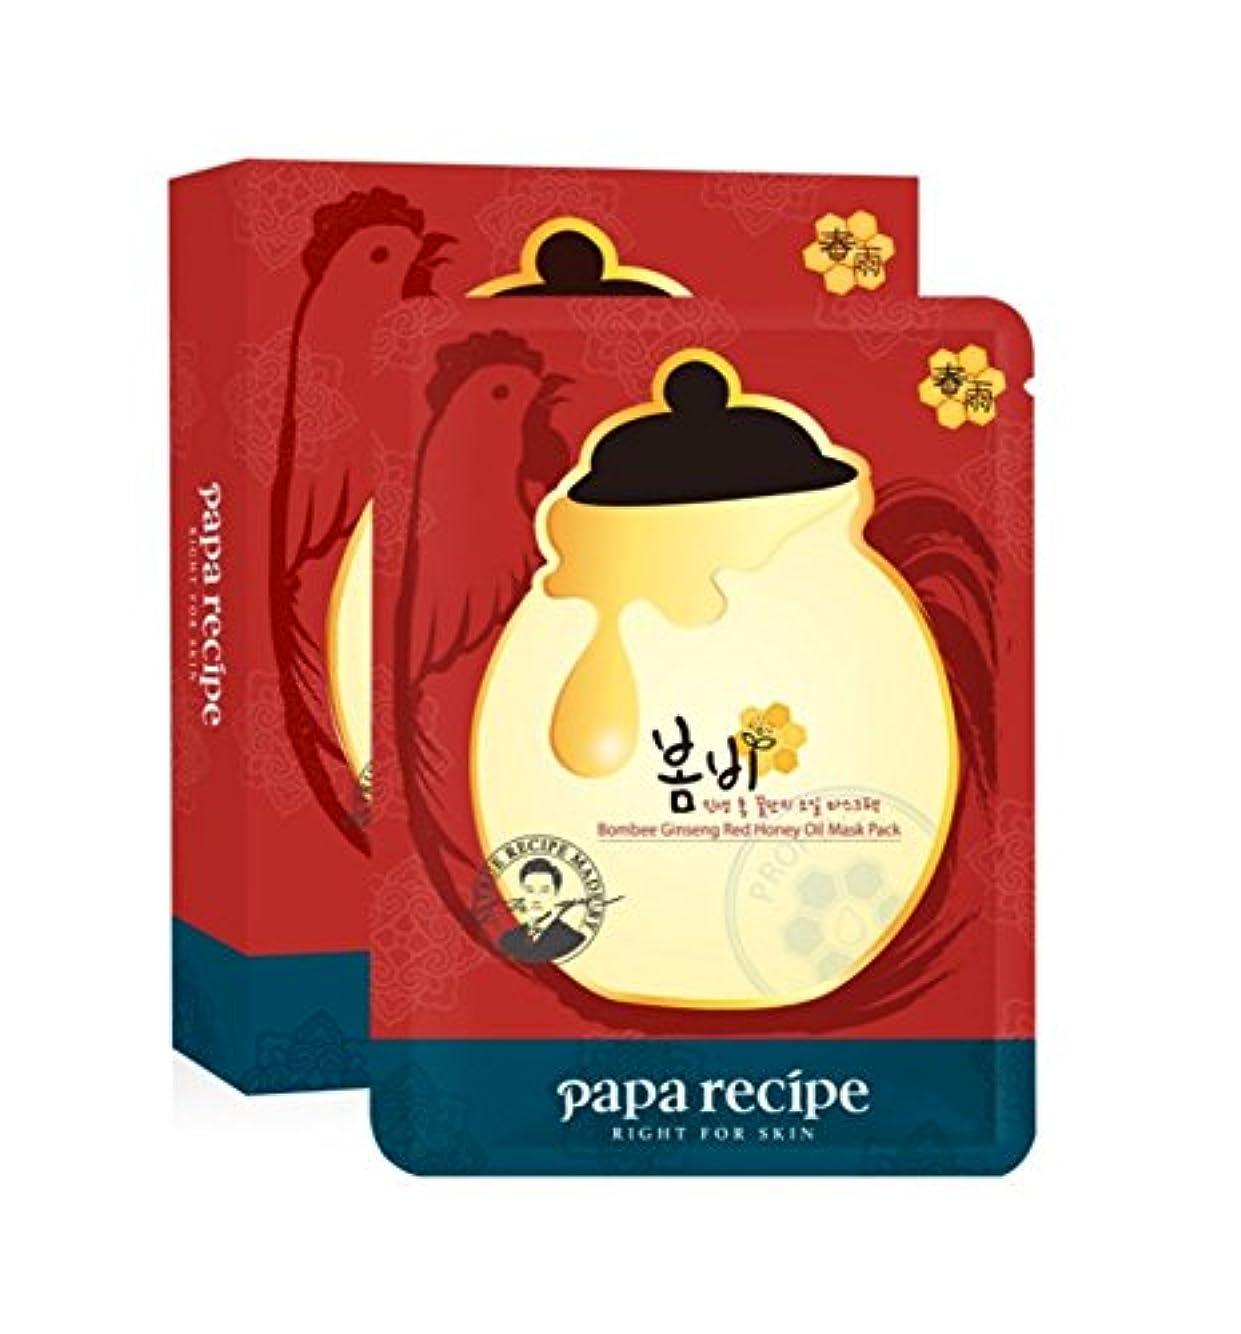 密メンタリティ毎年サンスマイル パパレシピ Paparecipe ボムビーハニーオイルマスク 紅参の香り 20ml×10枚(箱入り)